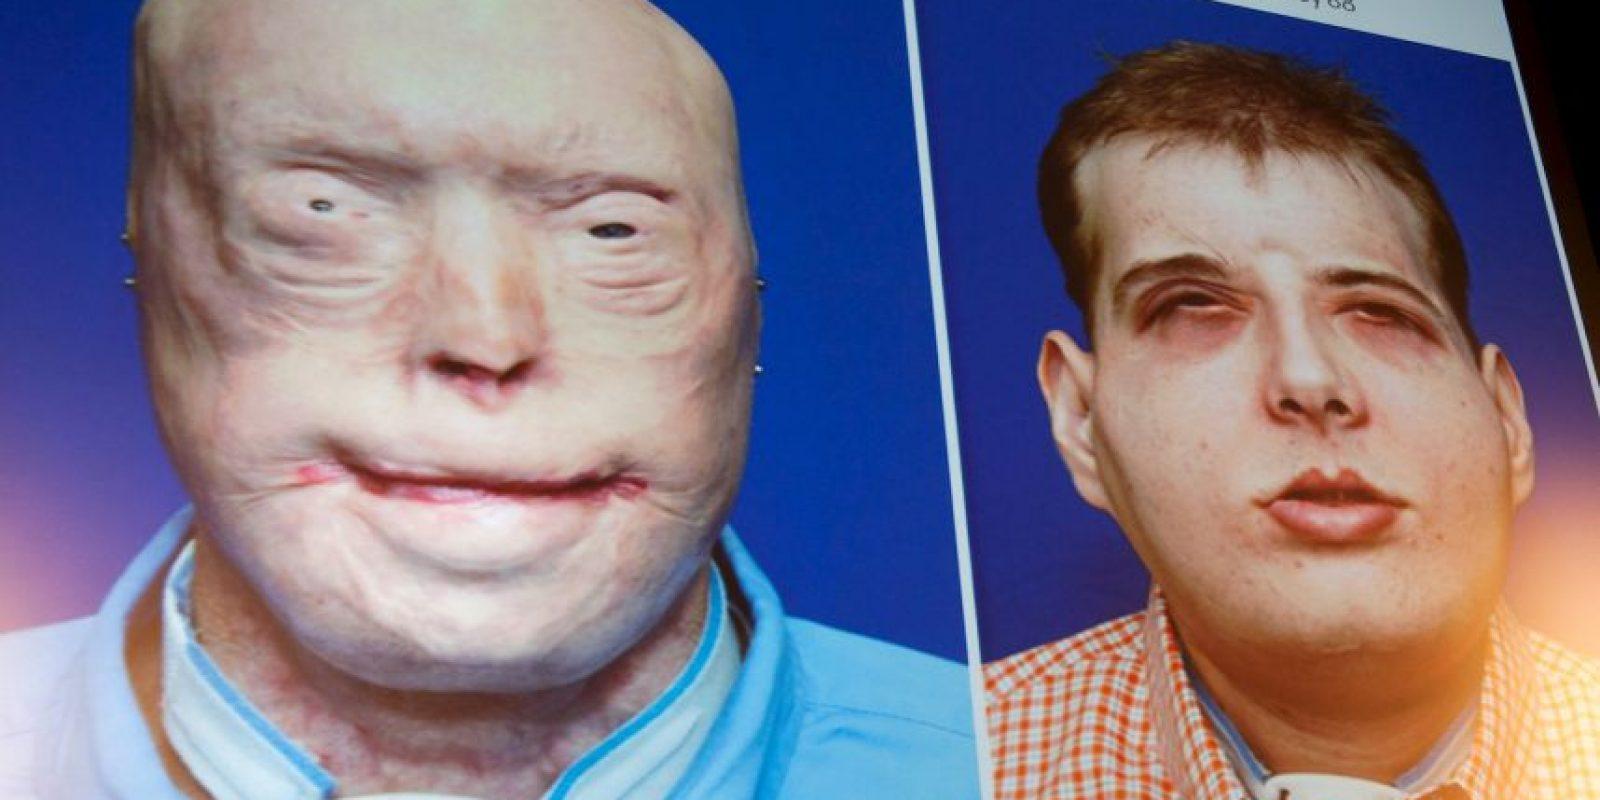 Médicos estadounidenses anunciaron el transplante de cara más complejo de la historia. Foto:AFP